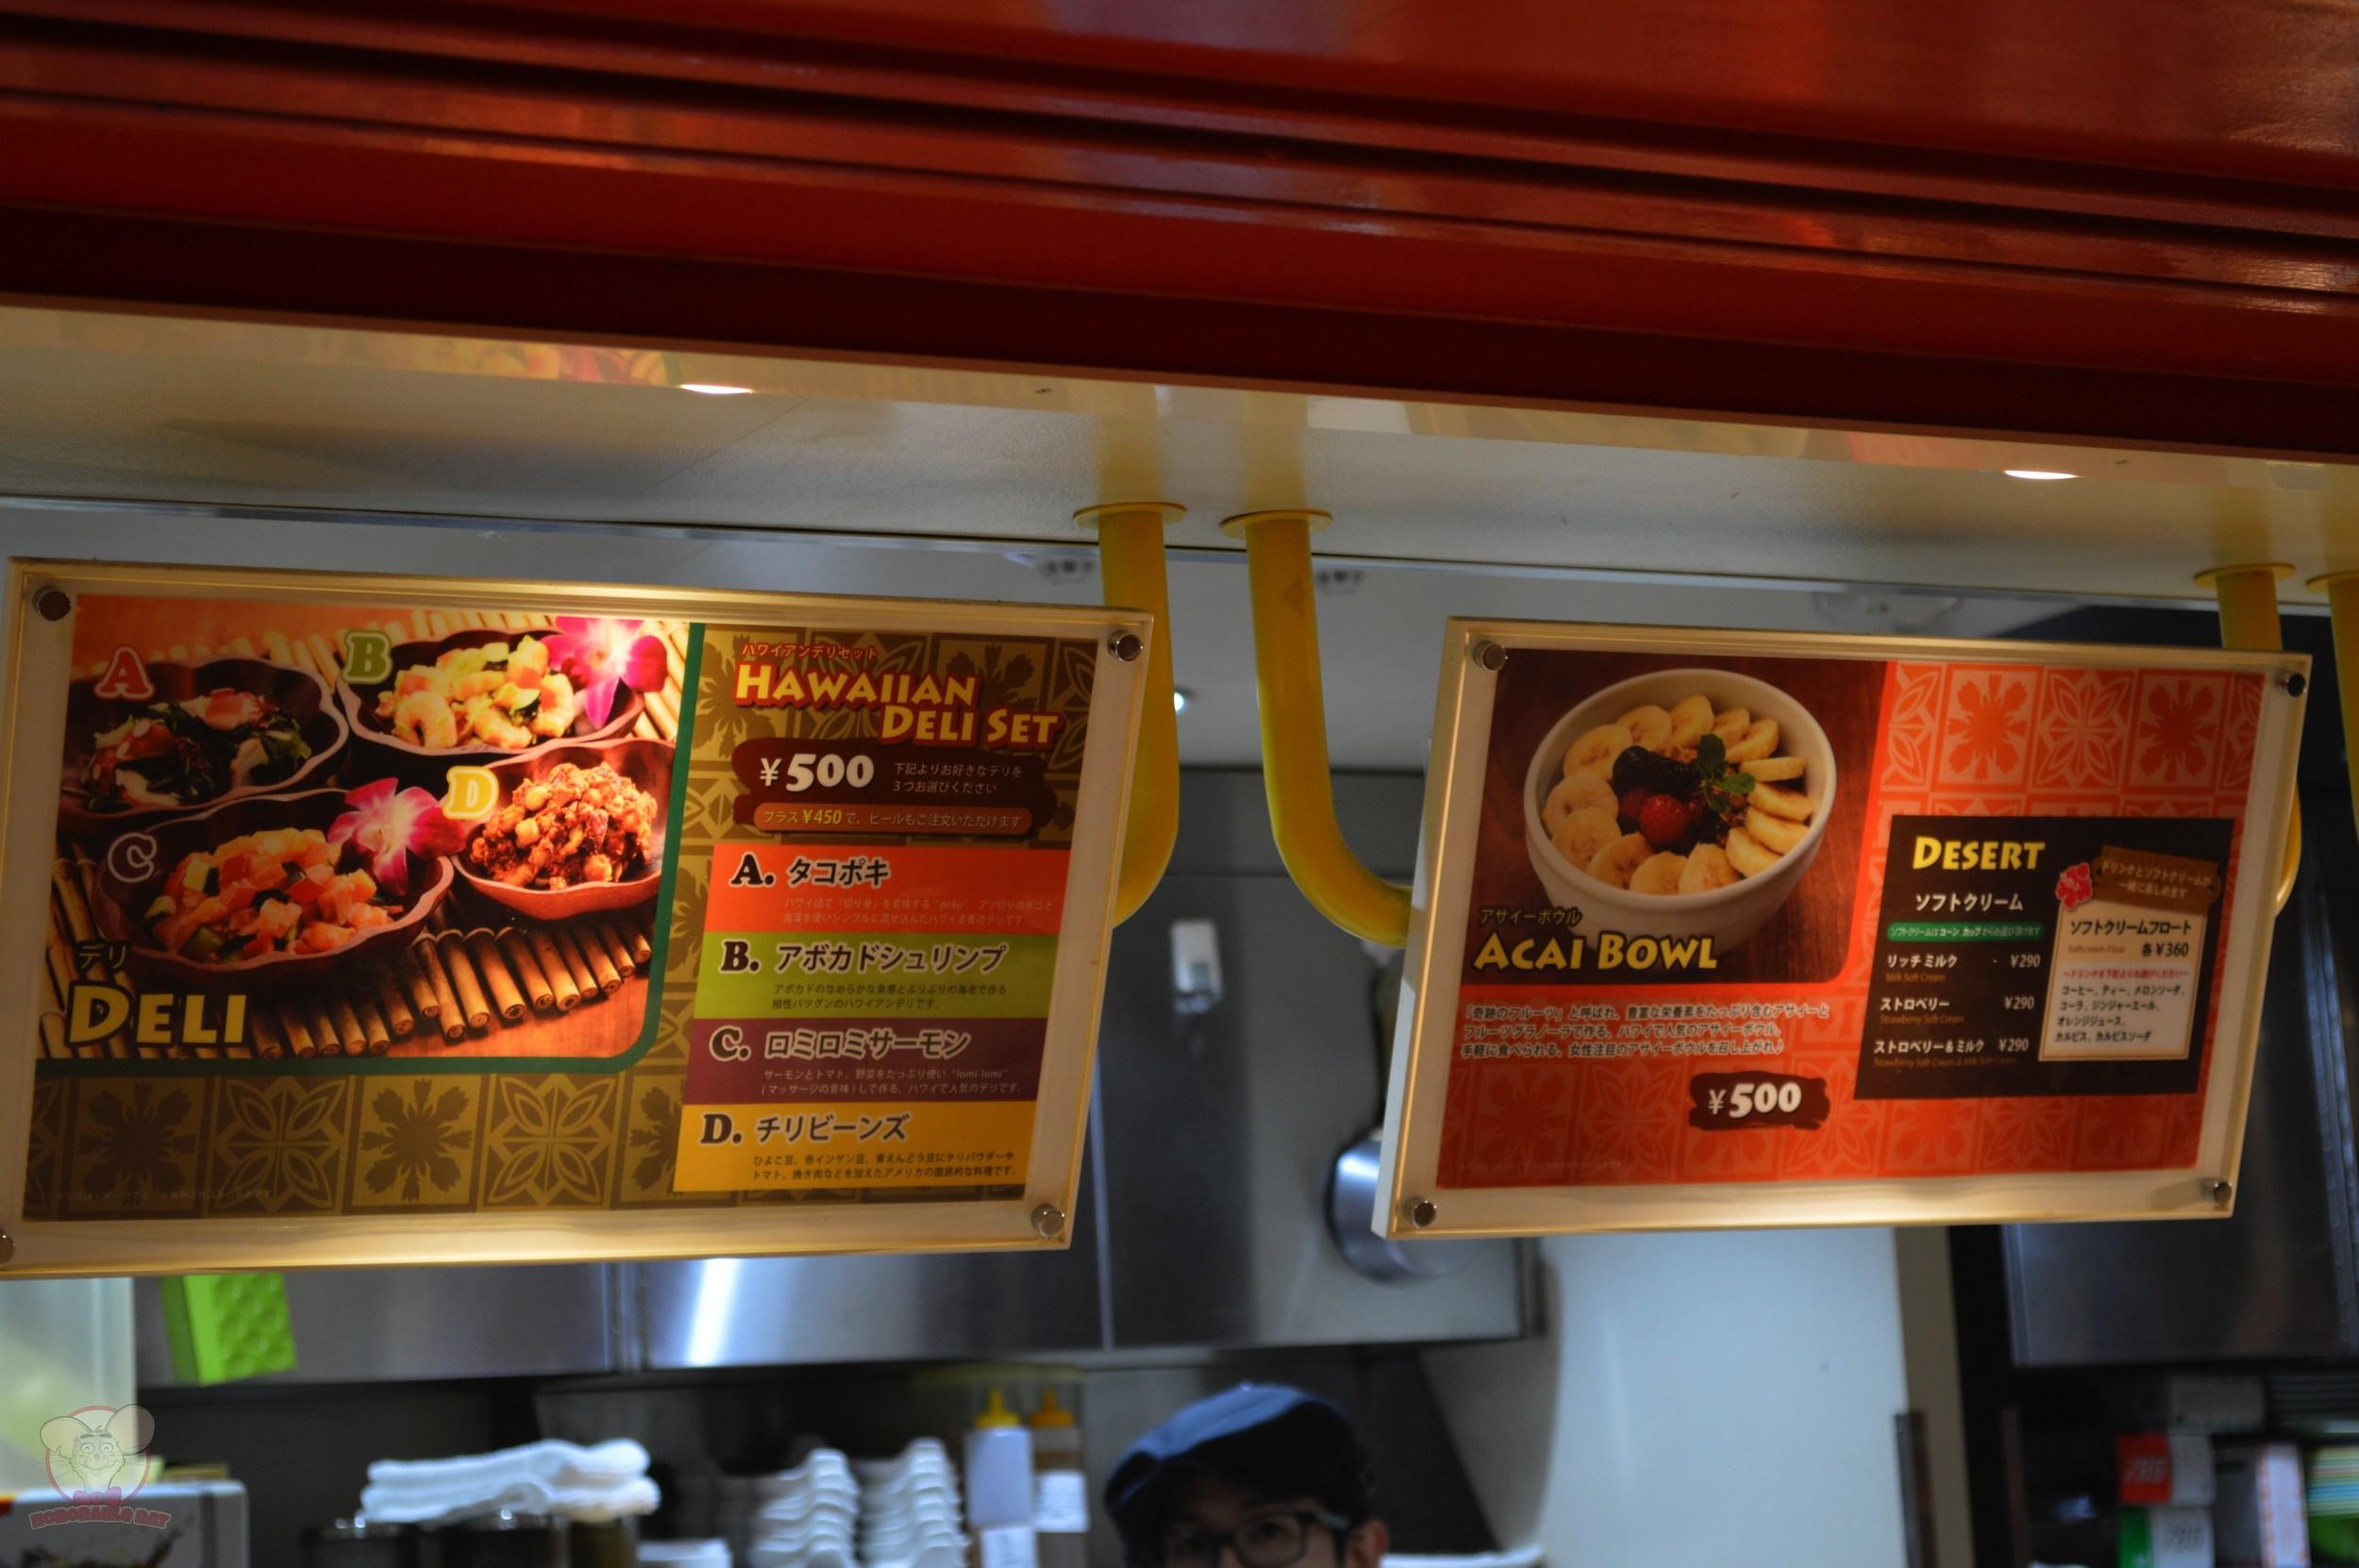 Loco Loco's menu: B